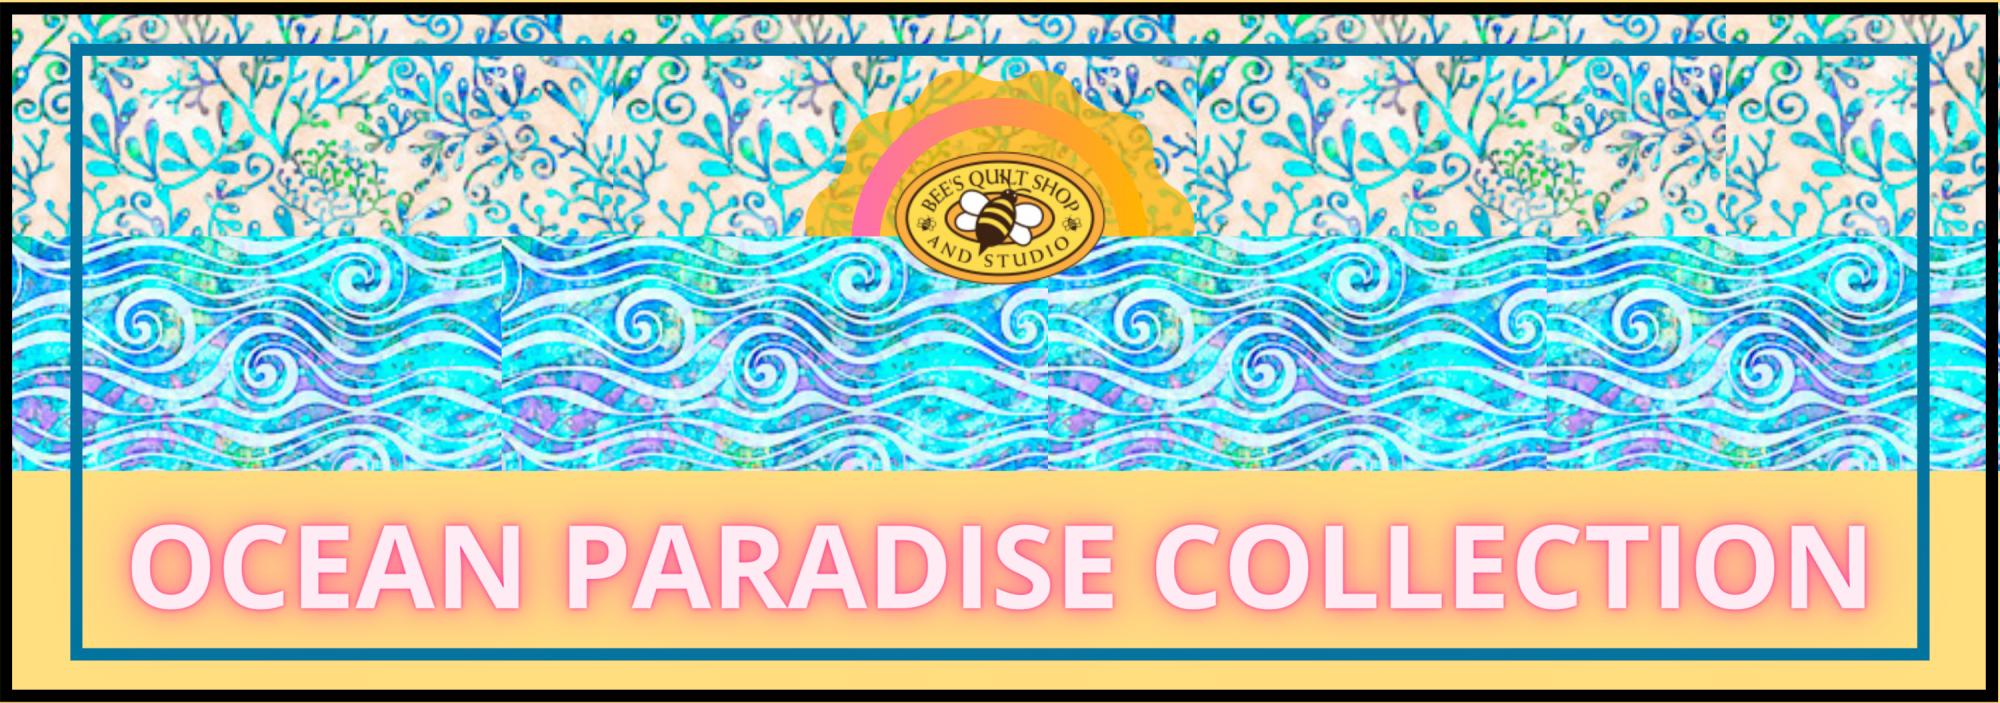 bees quilt shop st augustine QT fabrics ocean paradise